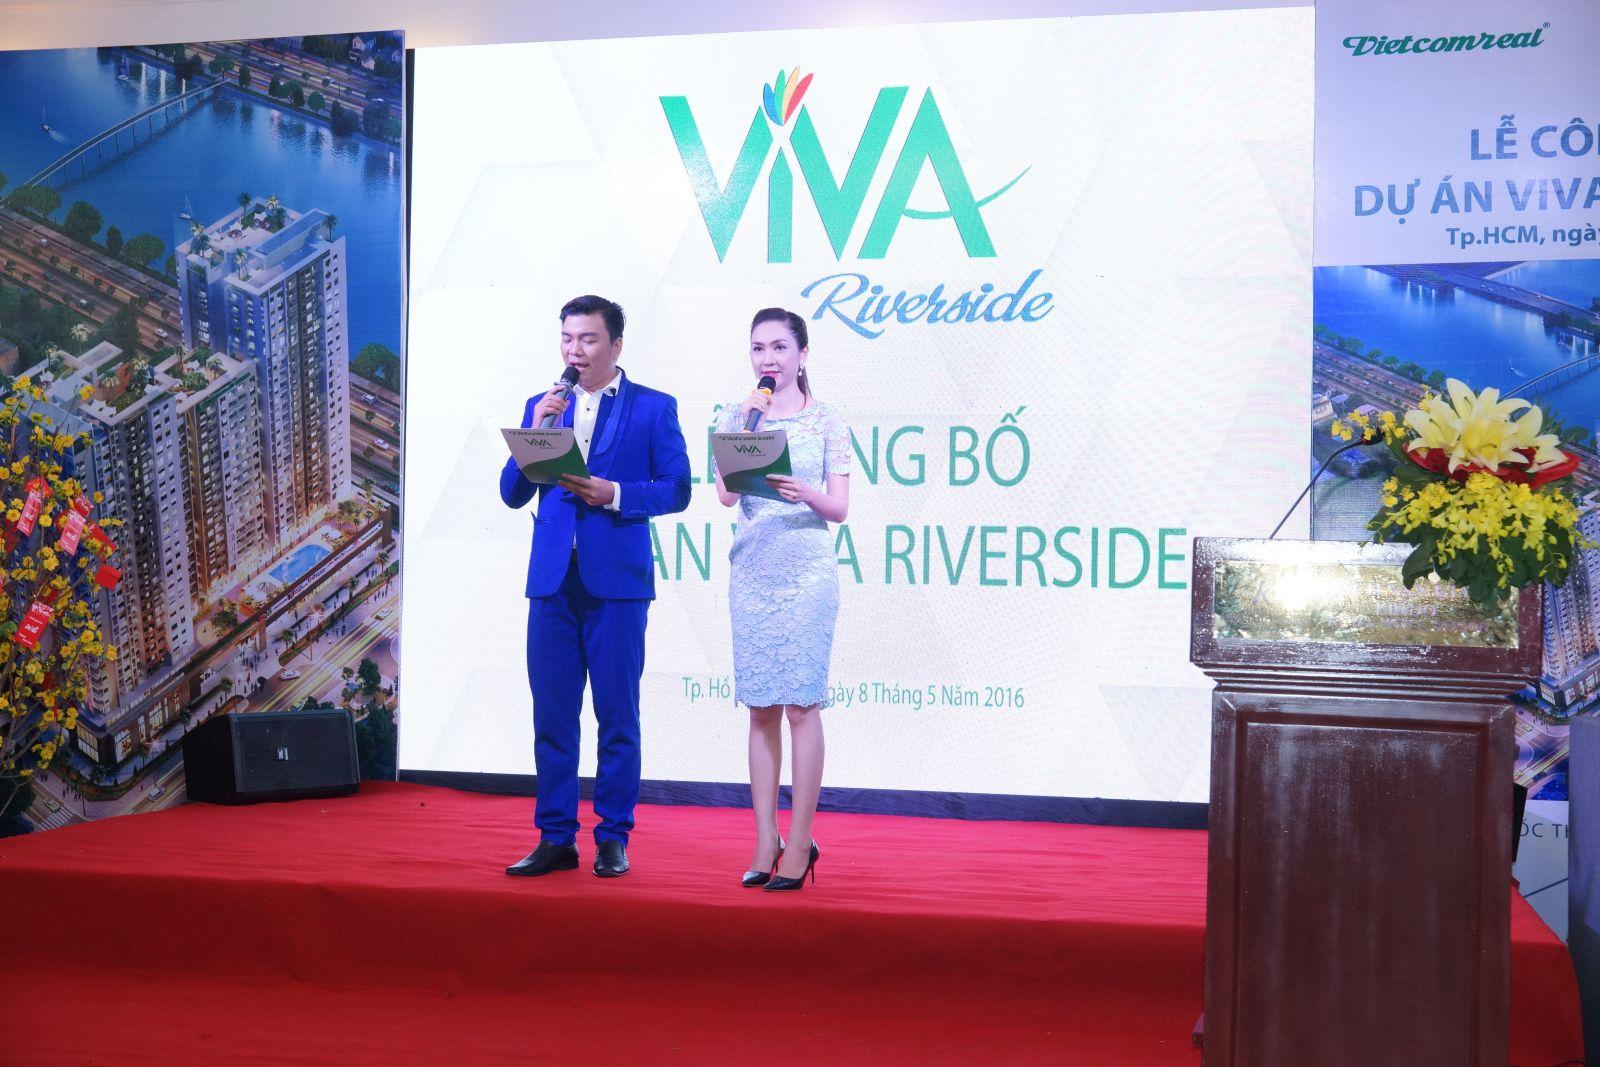 Vietcomreal công bố dự án ViVa riverside Quận 6